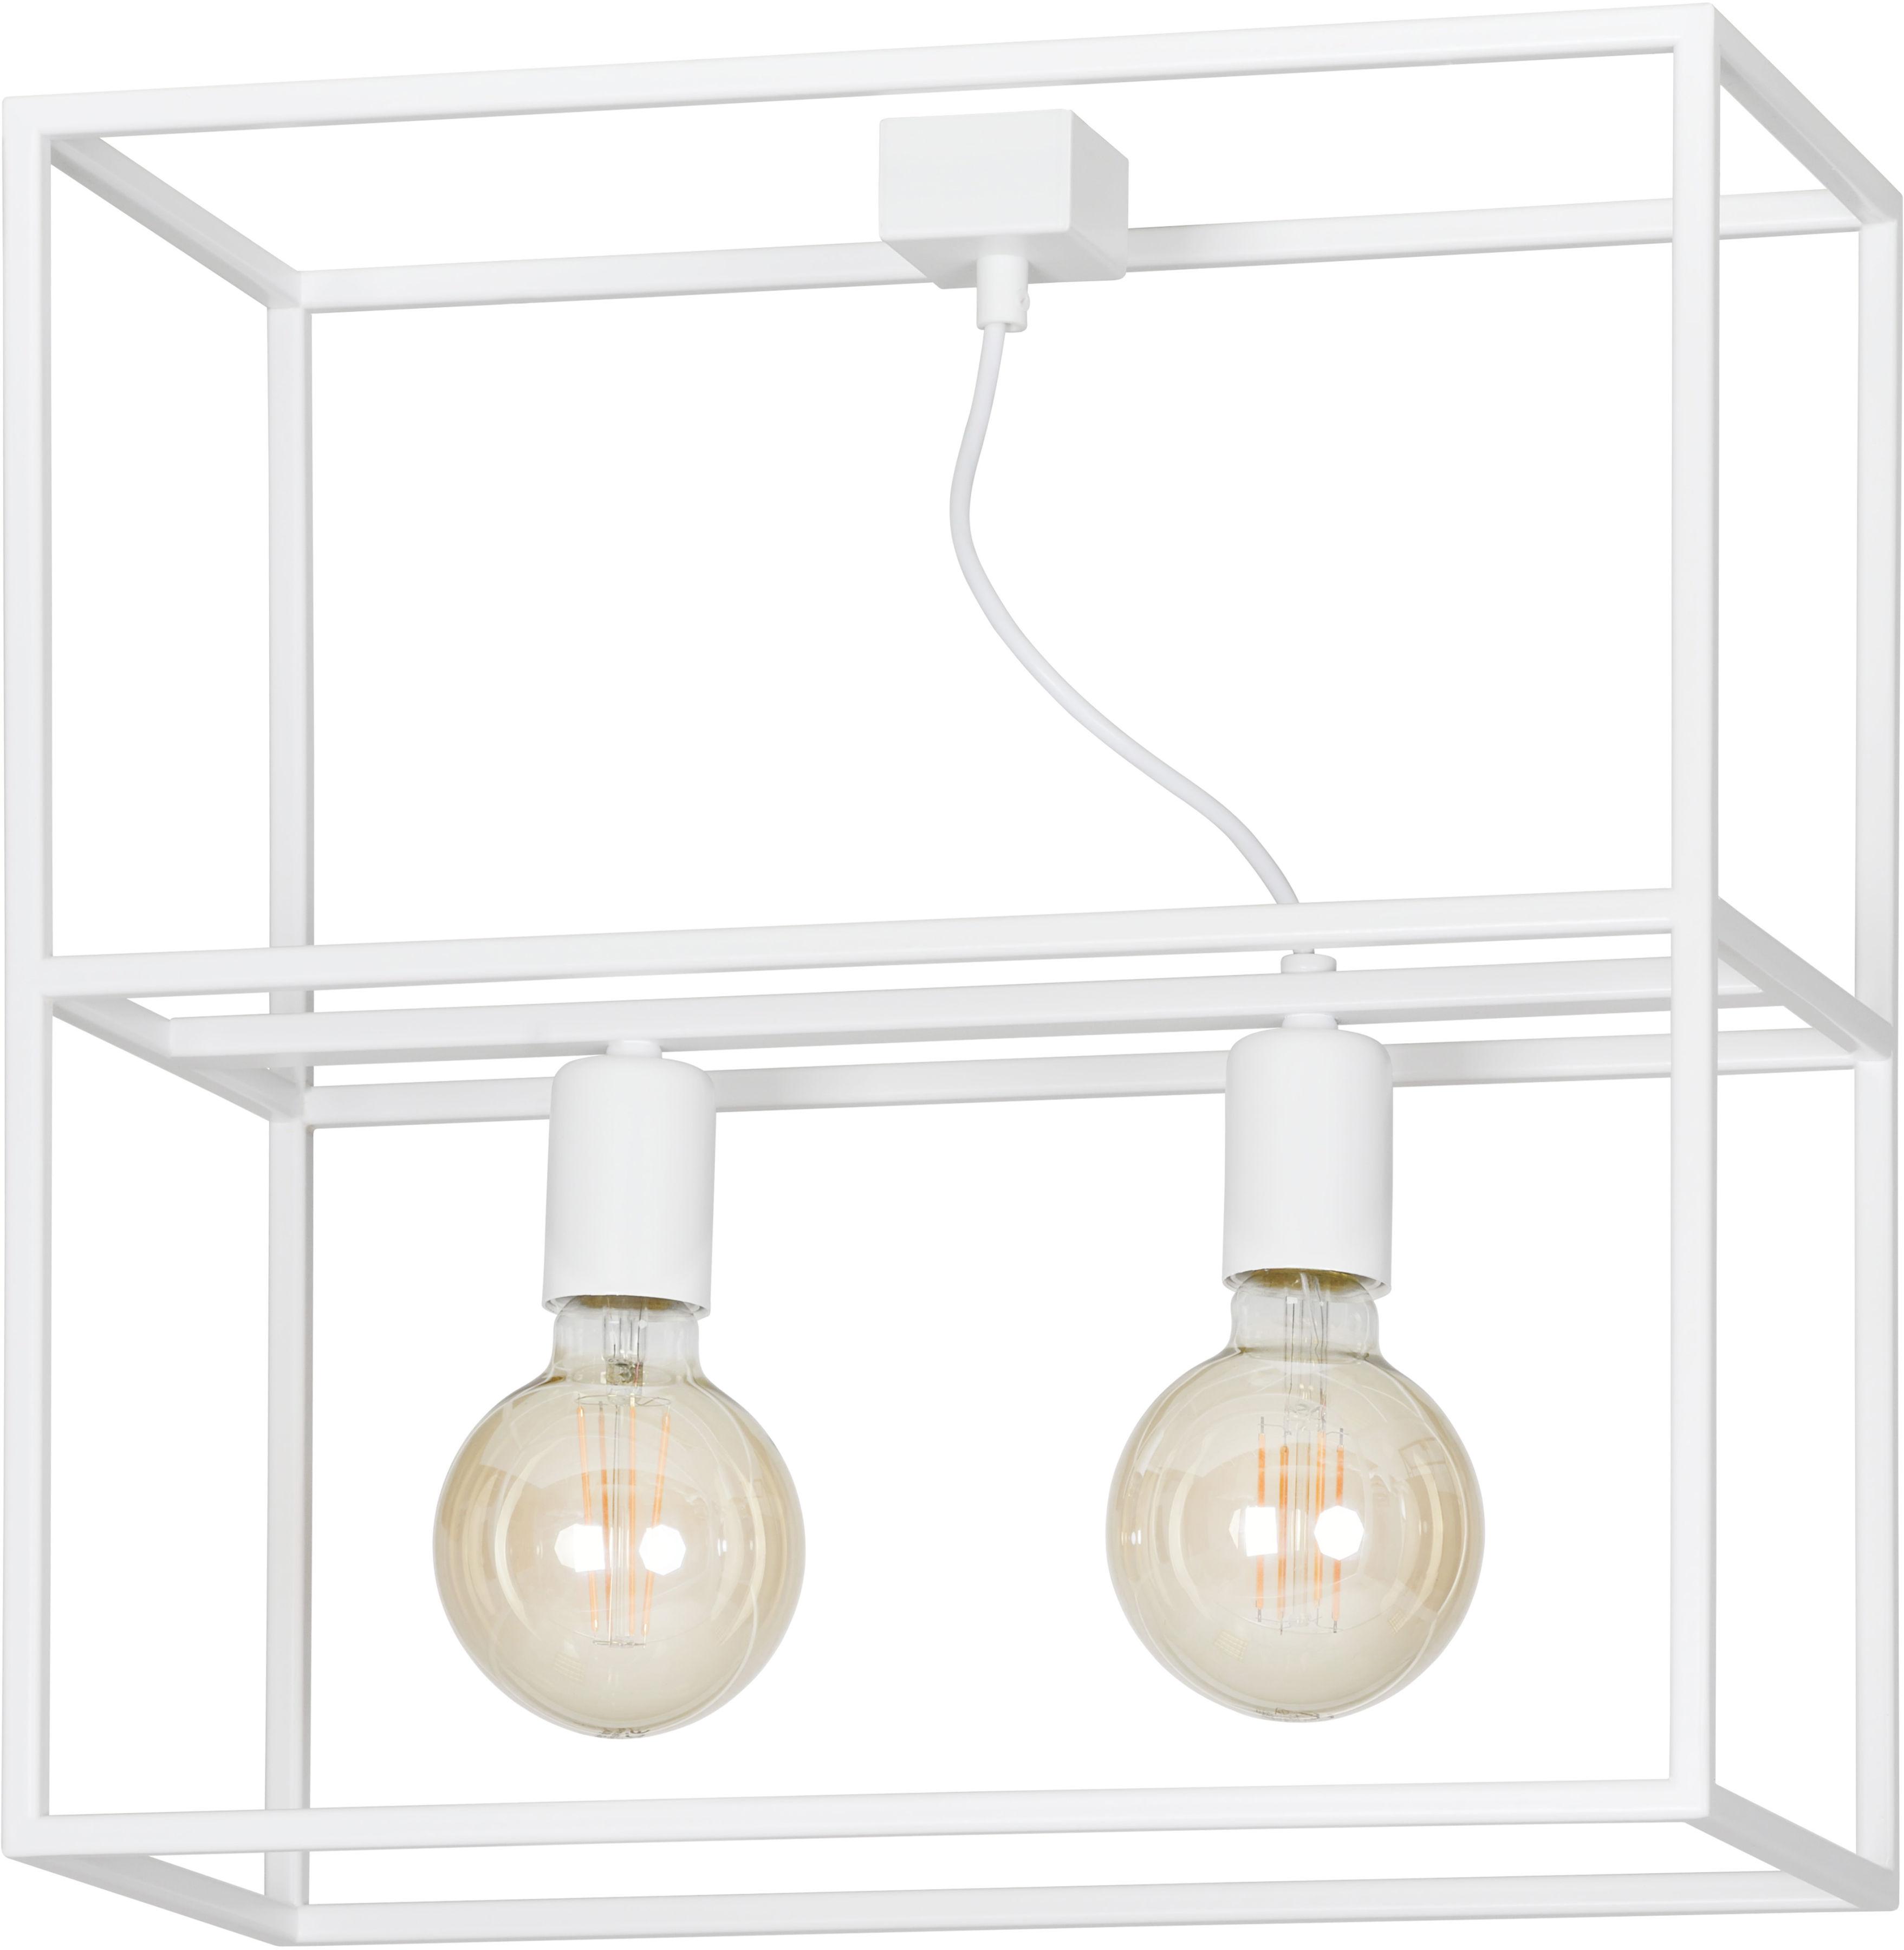 Emibig OMIKRON 2 WHITE 147/2 plafon lampa sufitowa metal ramka klatka w stylu loft biała 2x60W E27 44cm